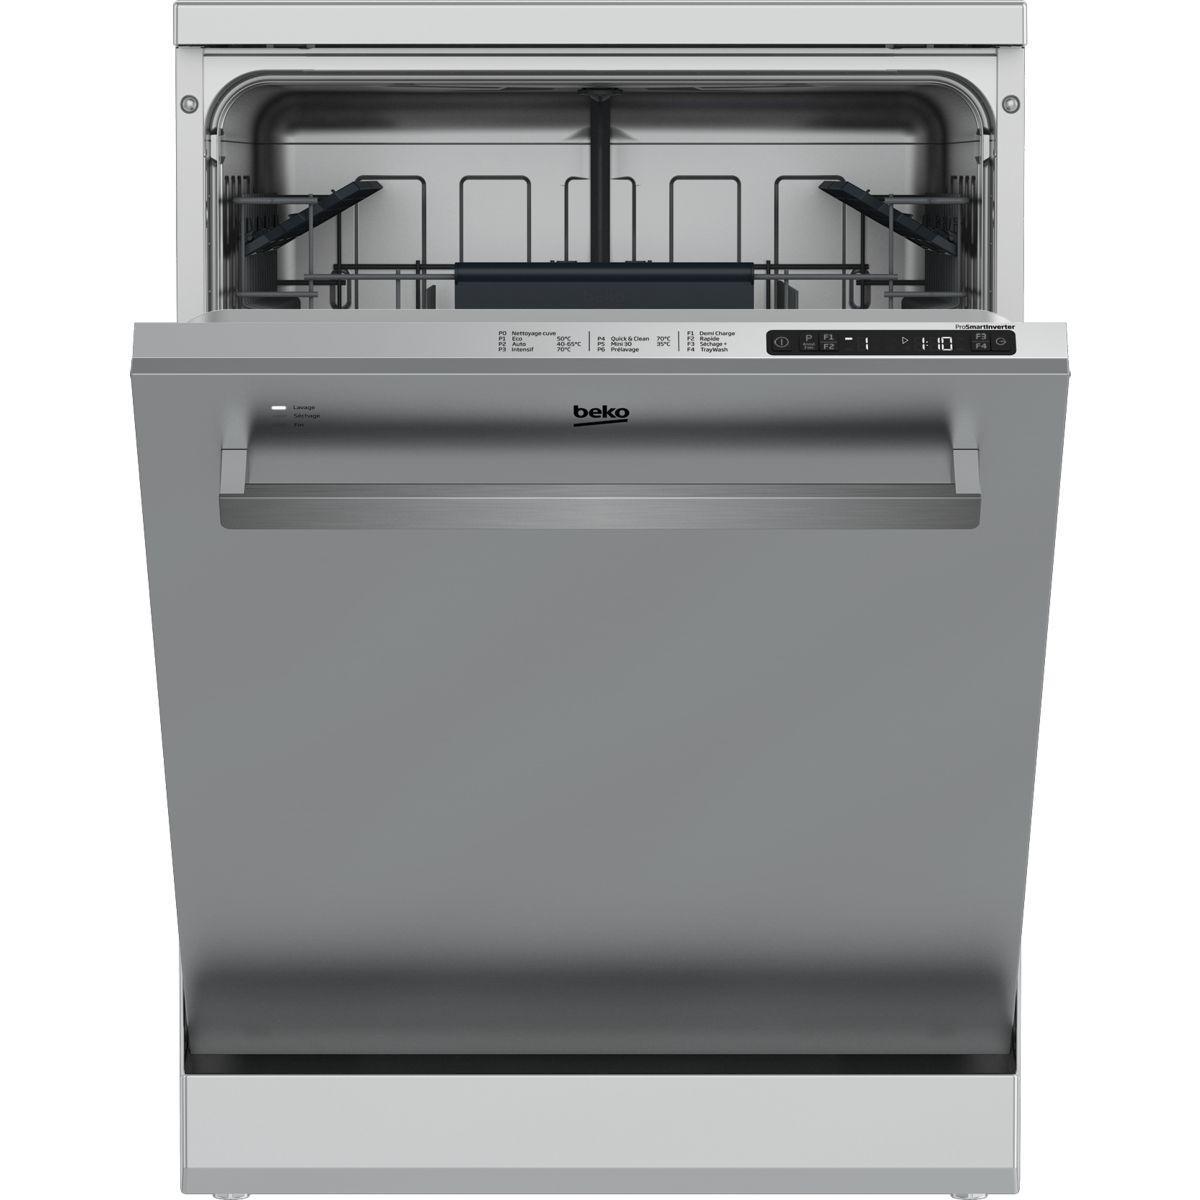 Lave vaisselle 60 cm beko ex-dfn26b20x - livraison offerte : code livp (photo)